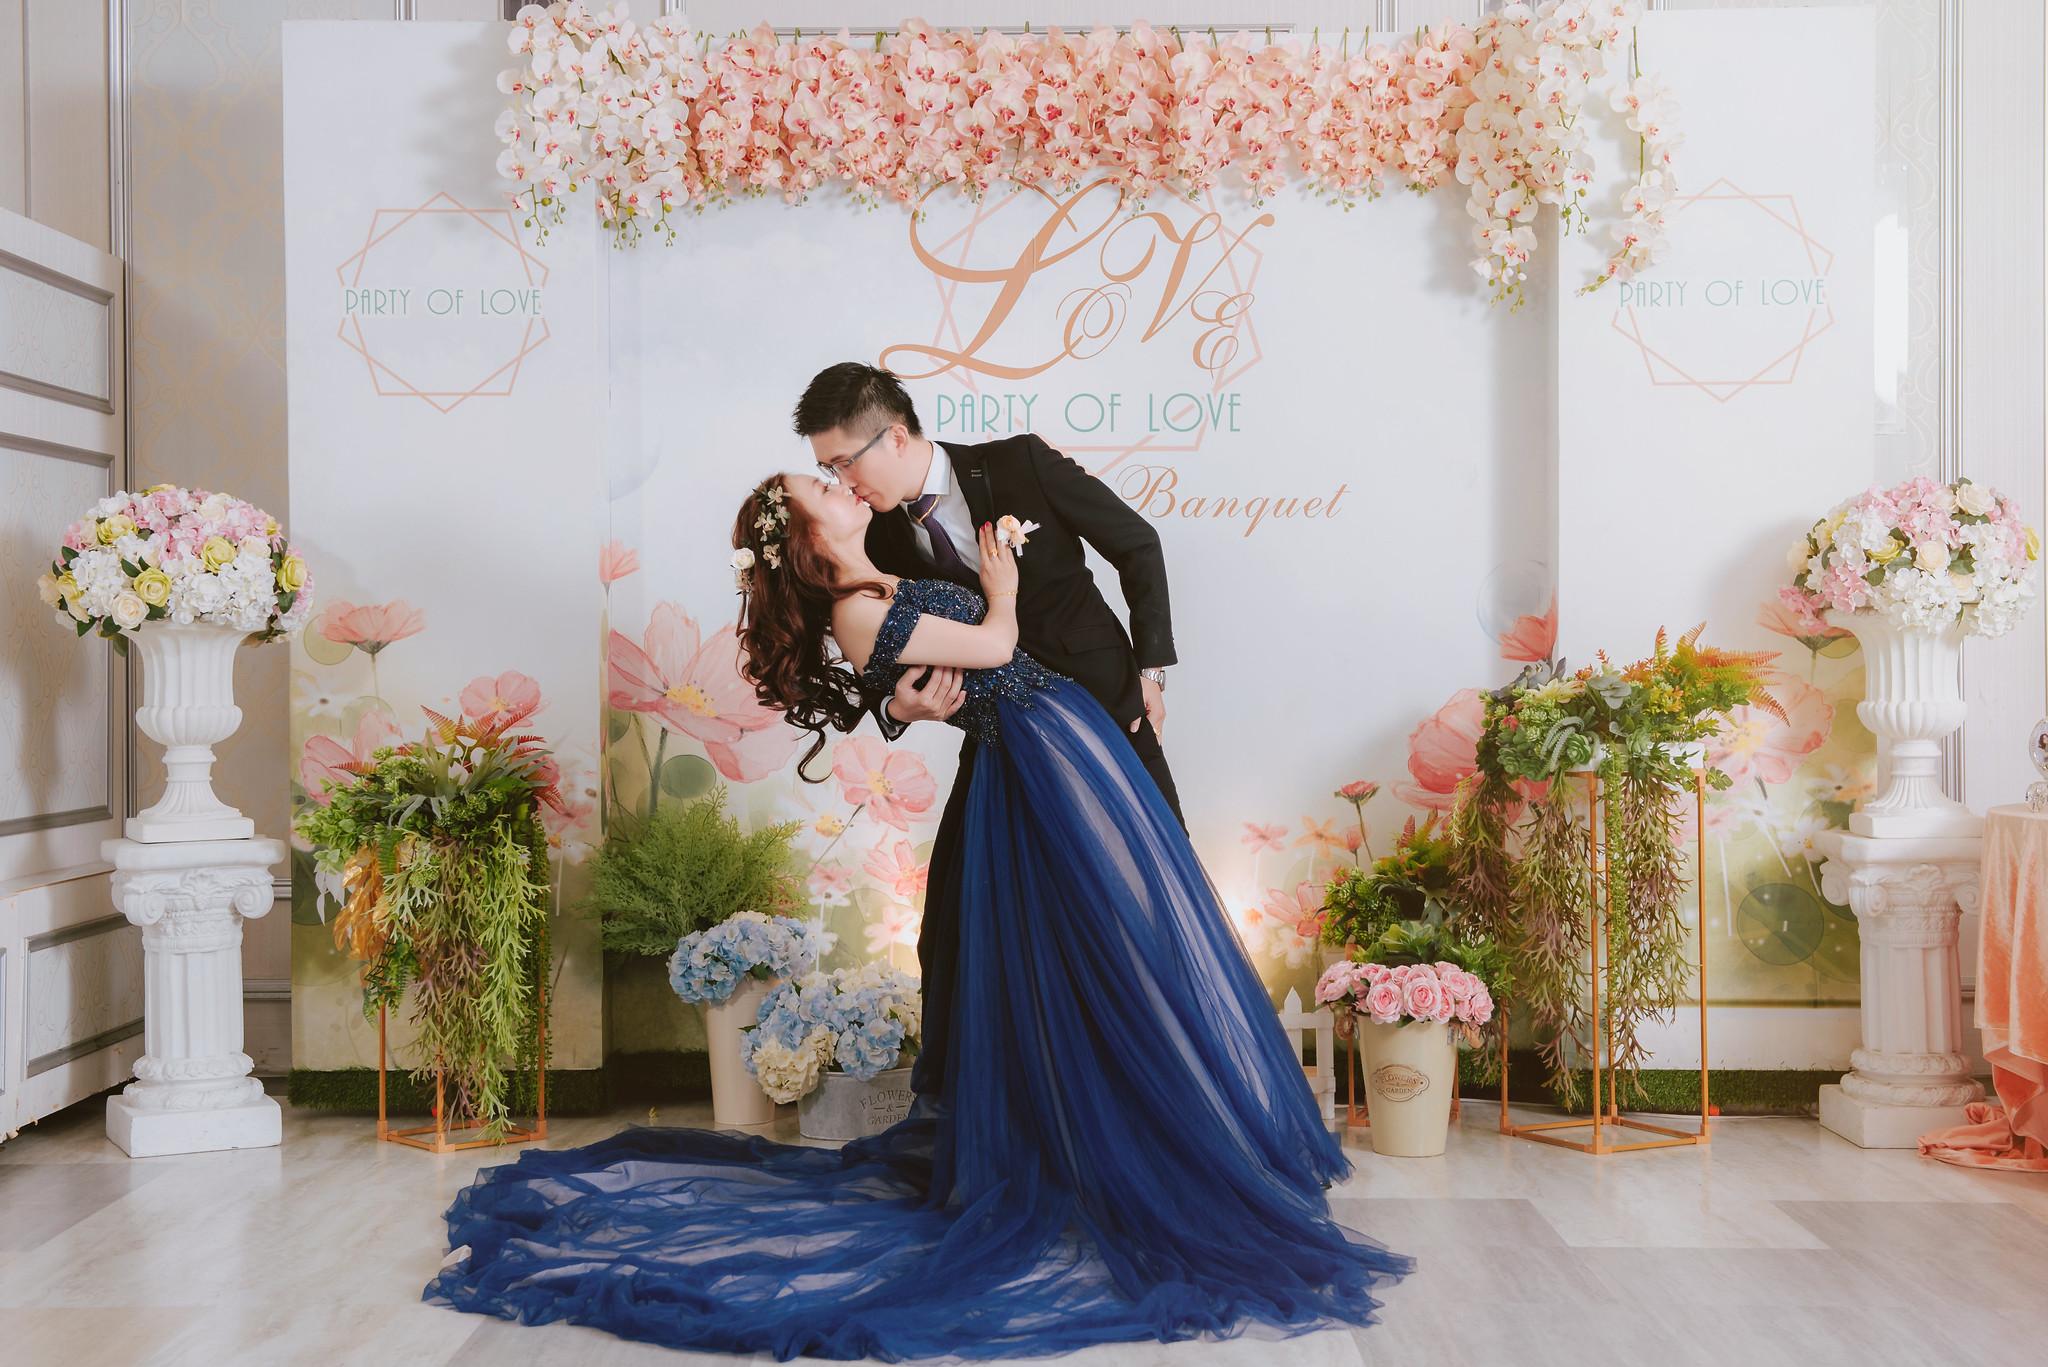 【婚攝合照搶先看】崧甫&巧甄|婚禮攝影|桃園綠光 婚攝推薦18